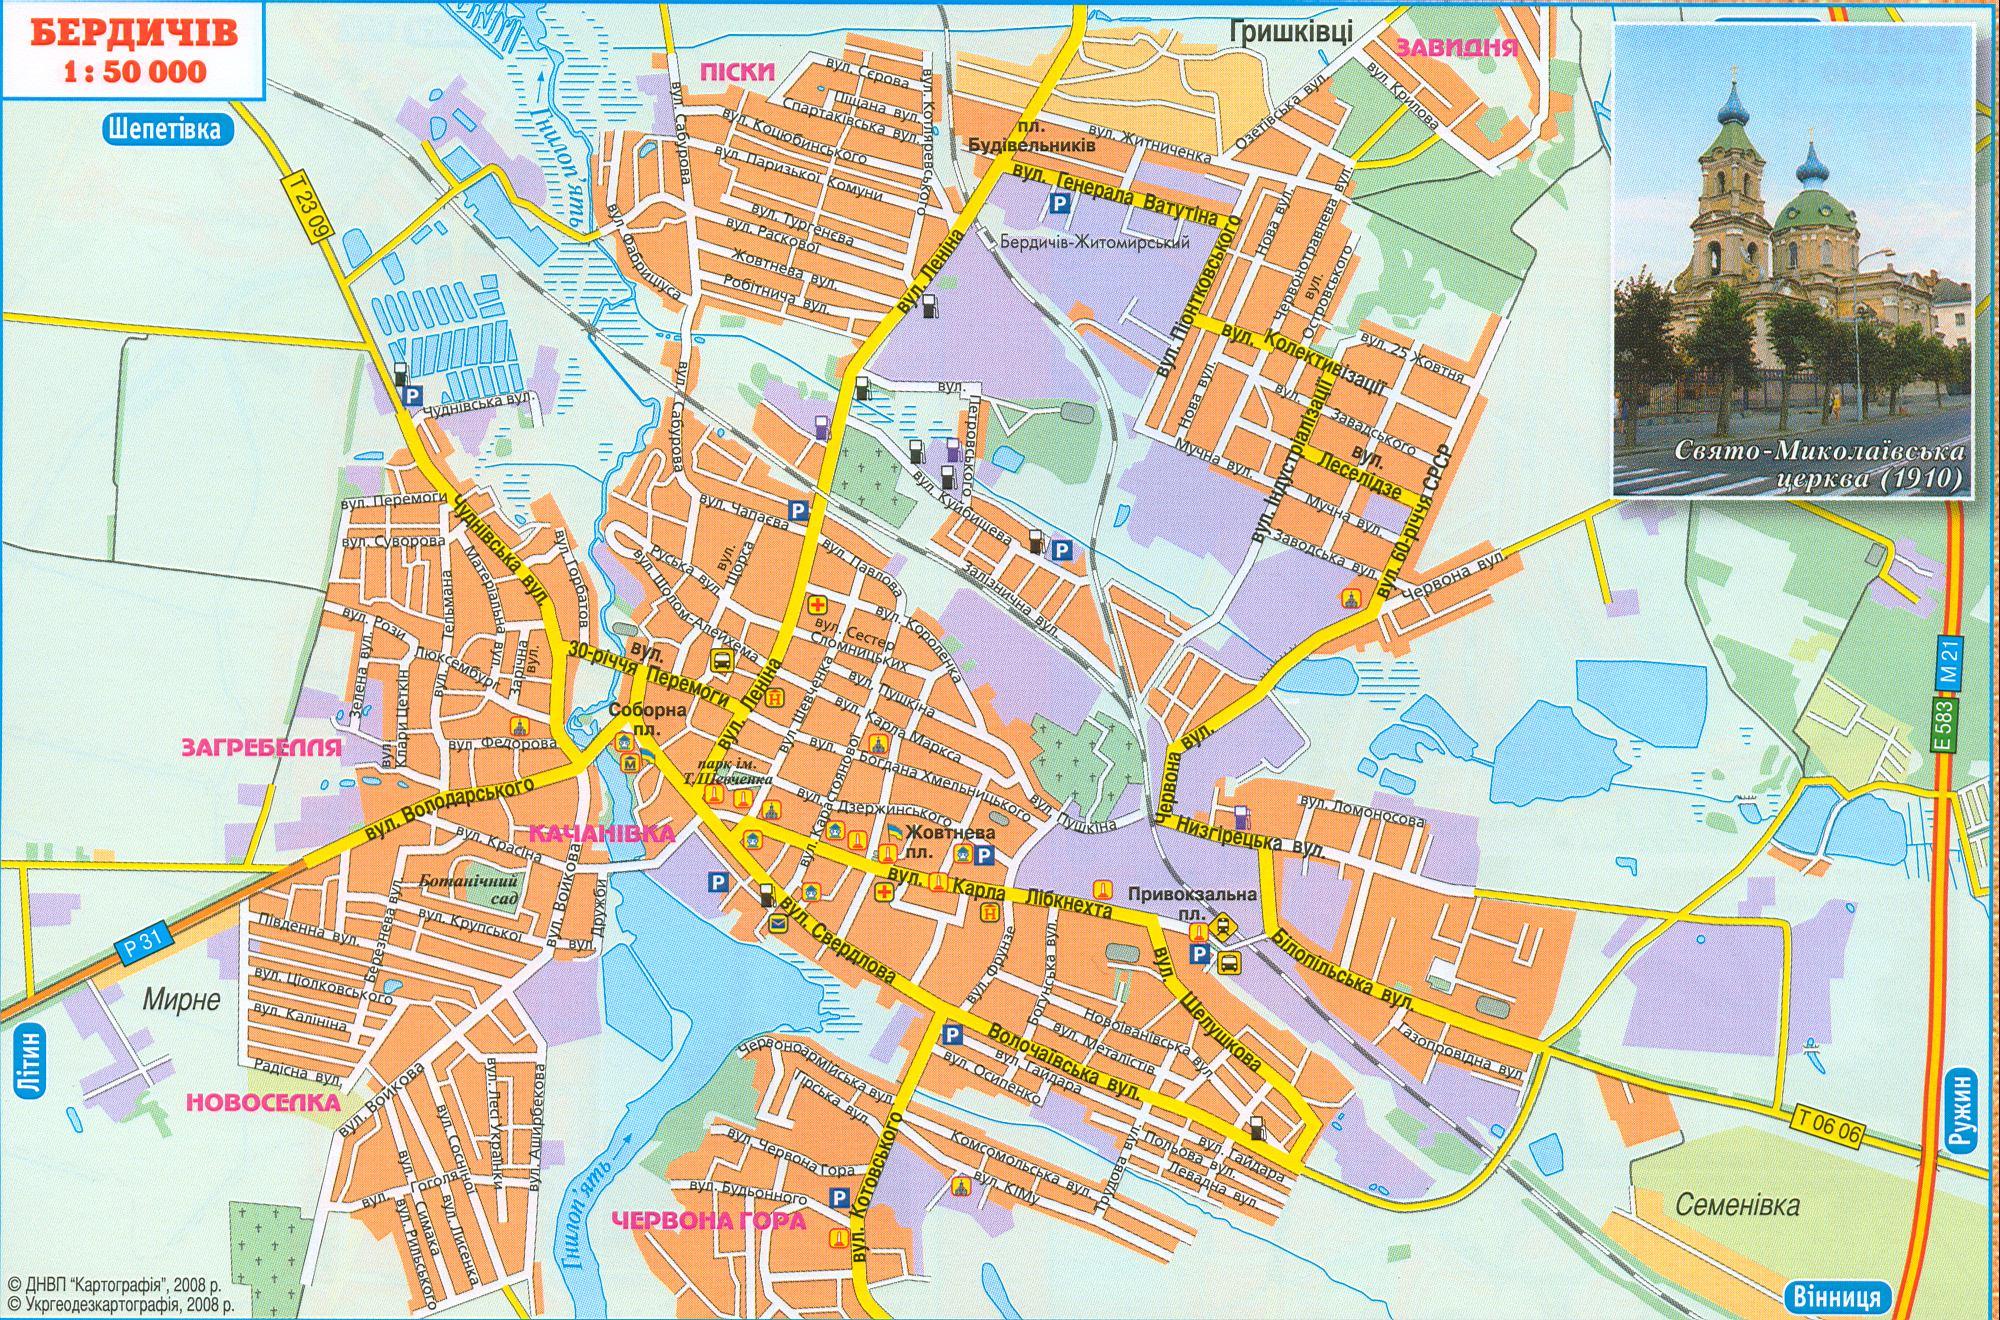 Карта города Бердичев